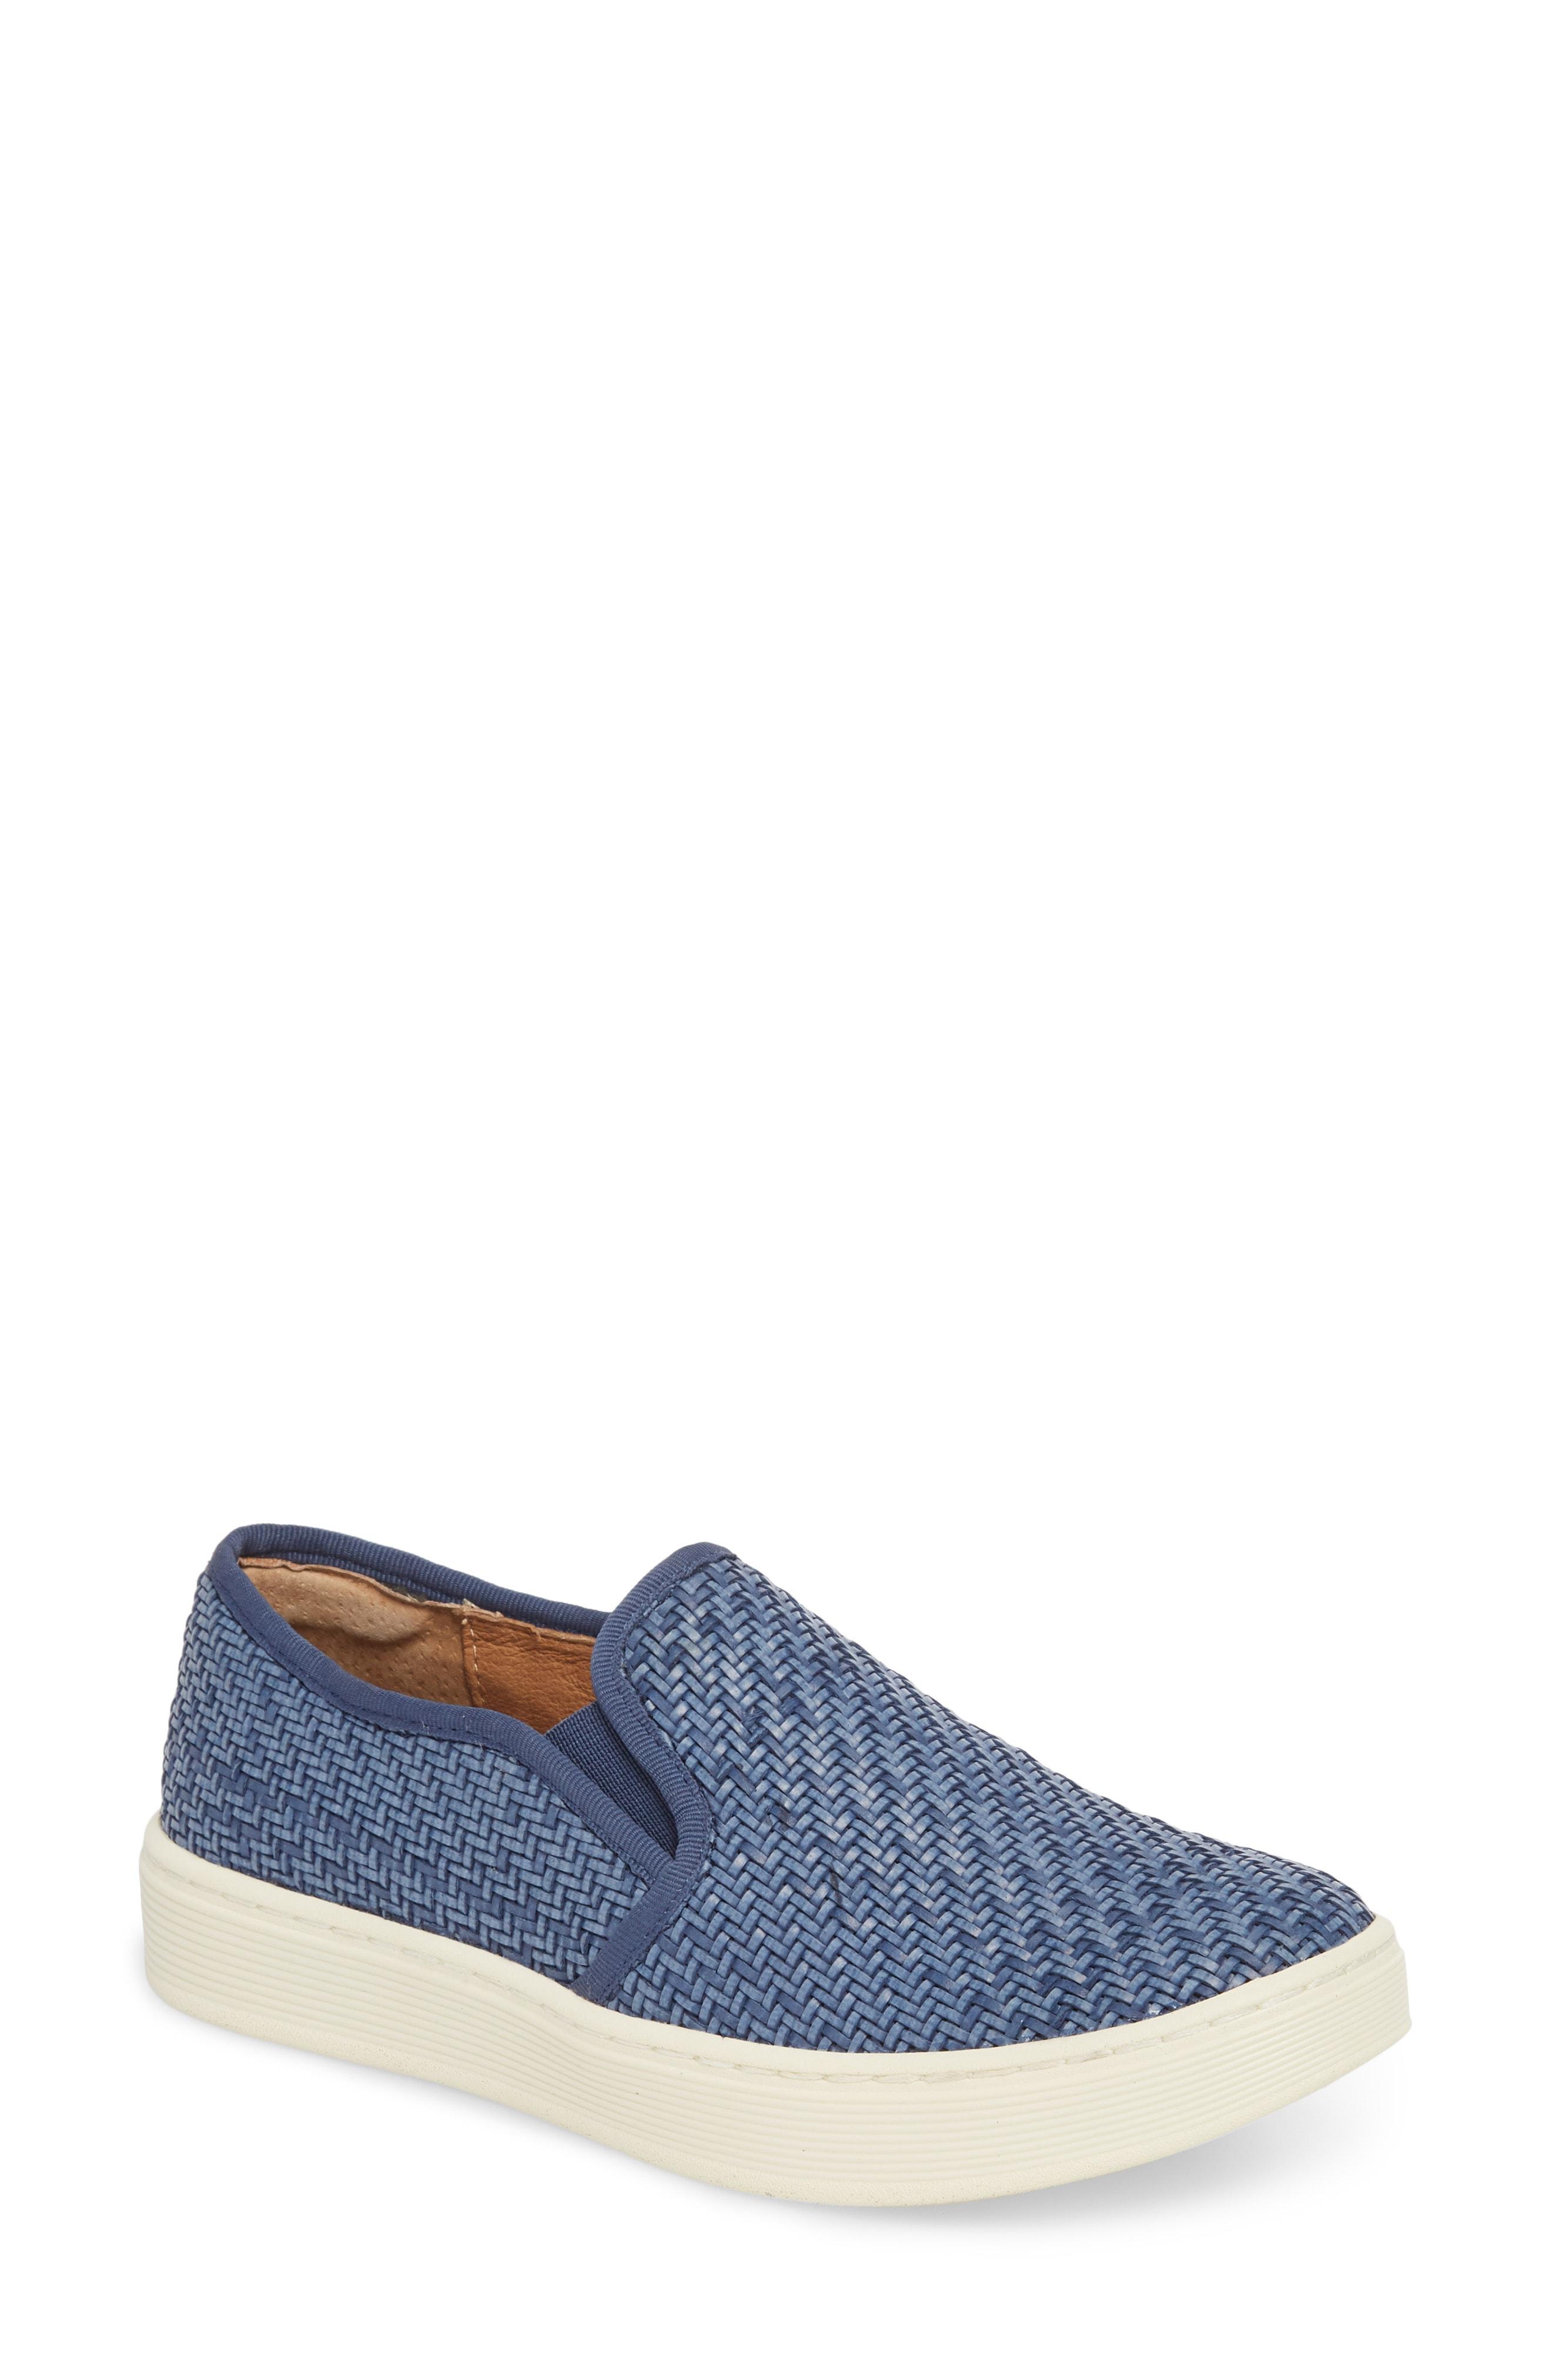 Sfft 'Somers' Slip-On Sneaker (Women)